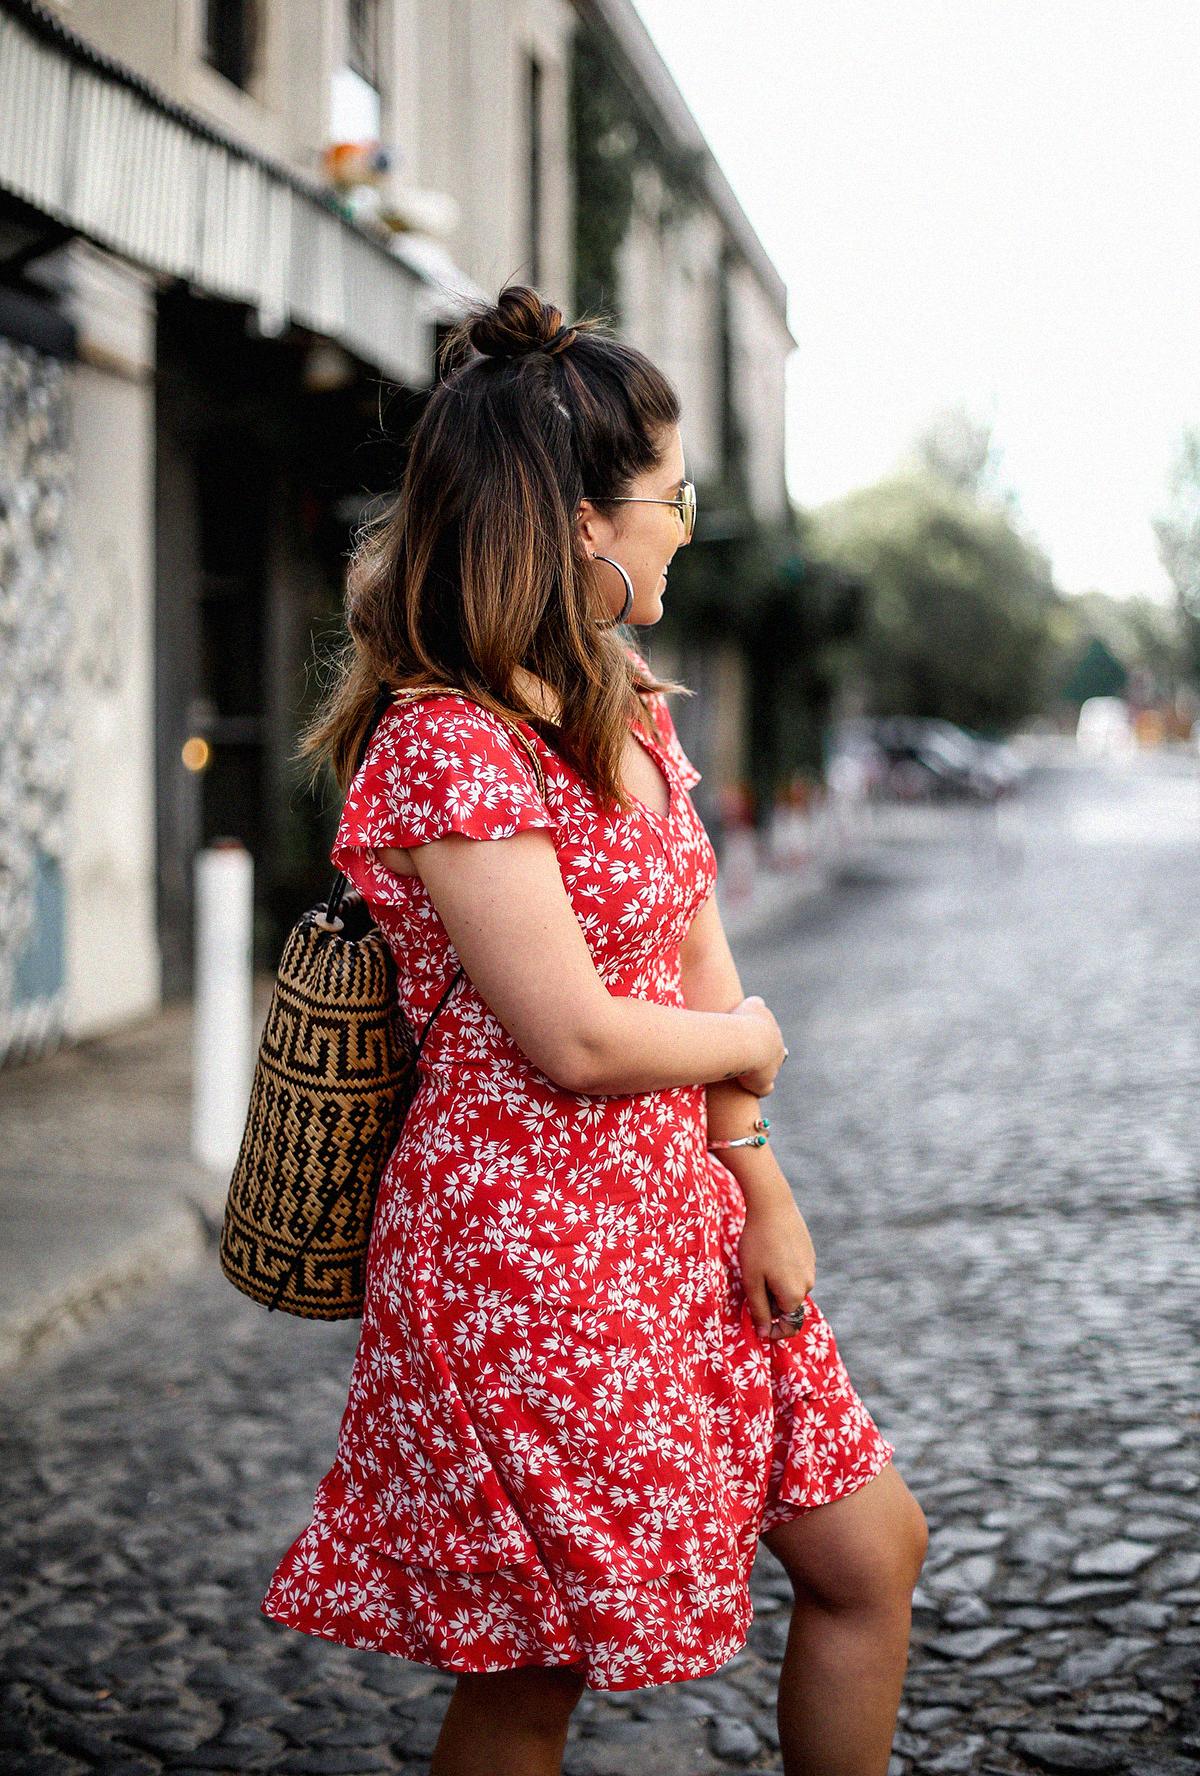 vestido-rojo-volantes-sandalias-lazos-mochila-ratan-travel-lx-factory-lisbon5